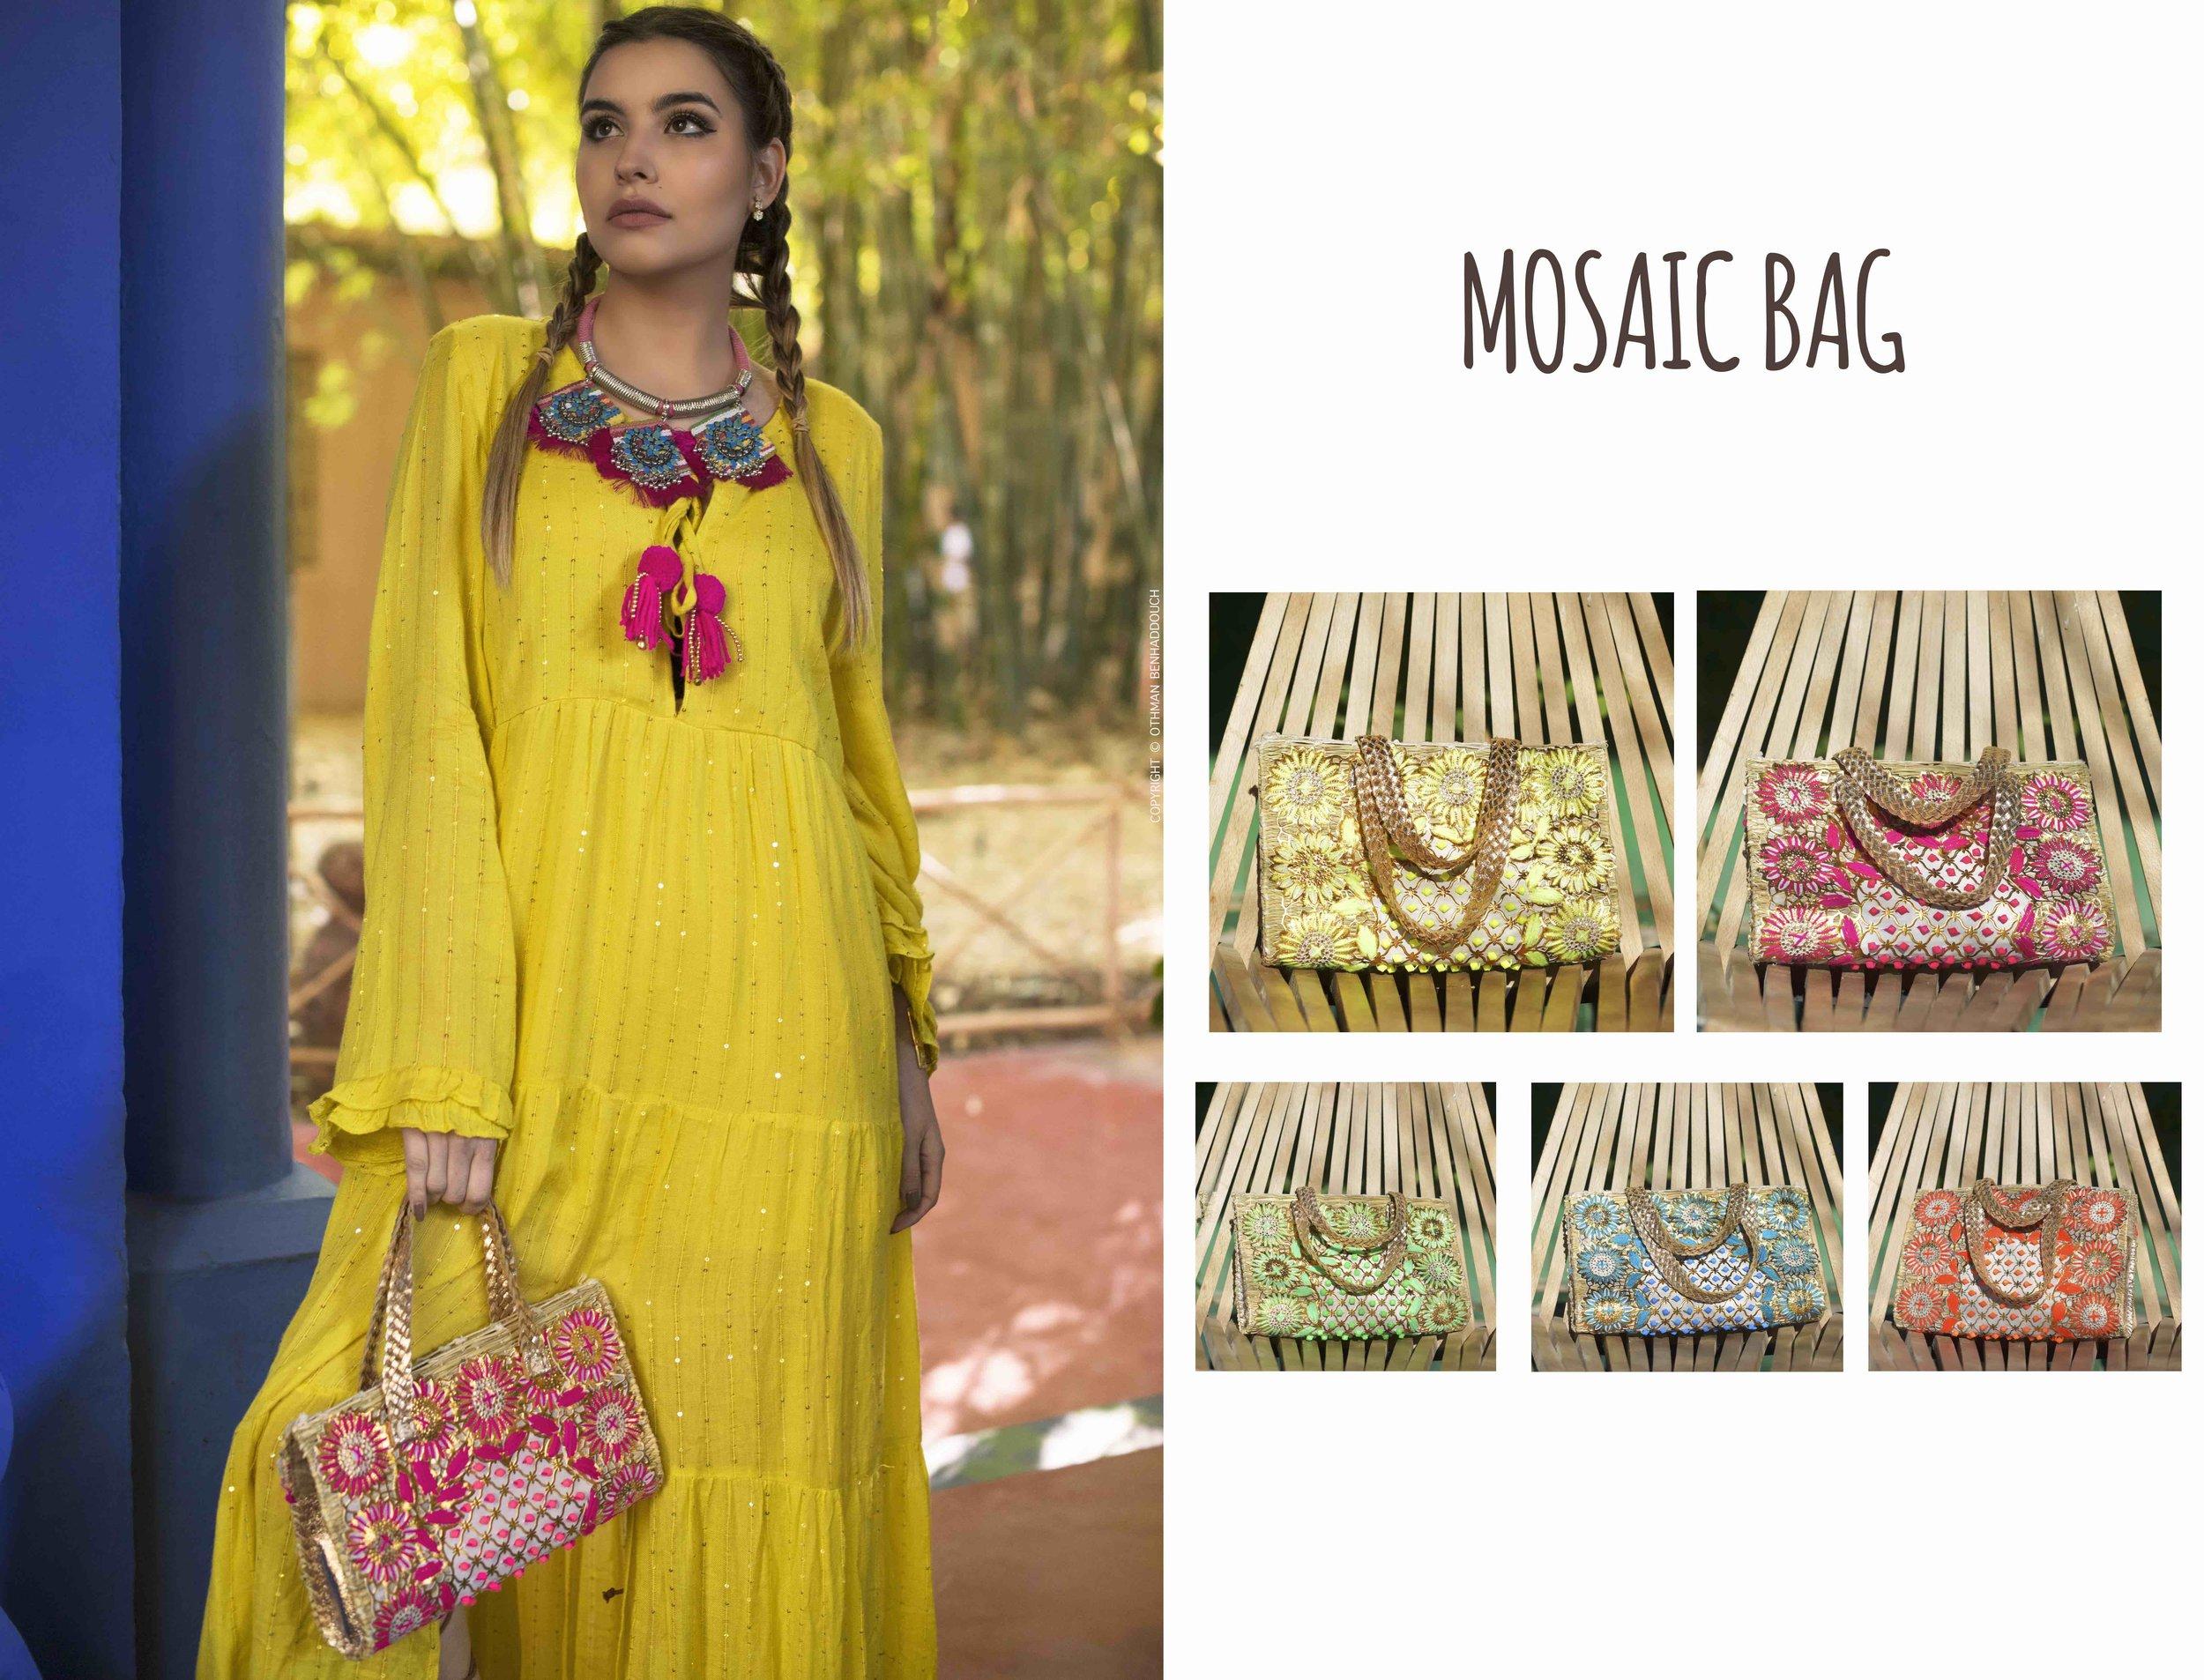 MOSAIC BAG.jpg